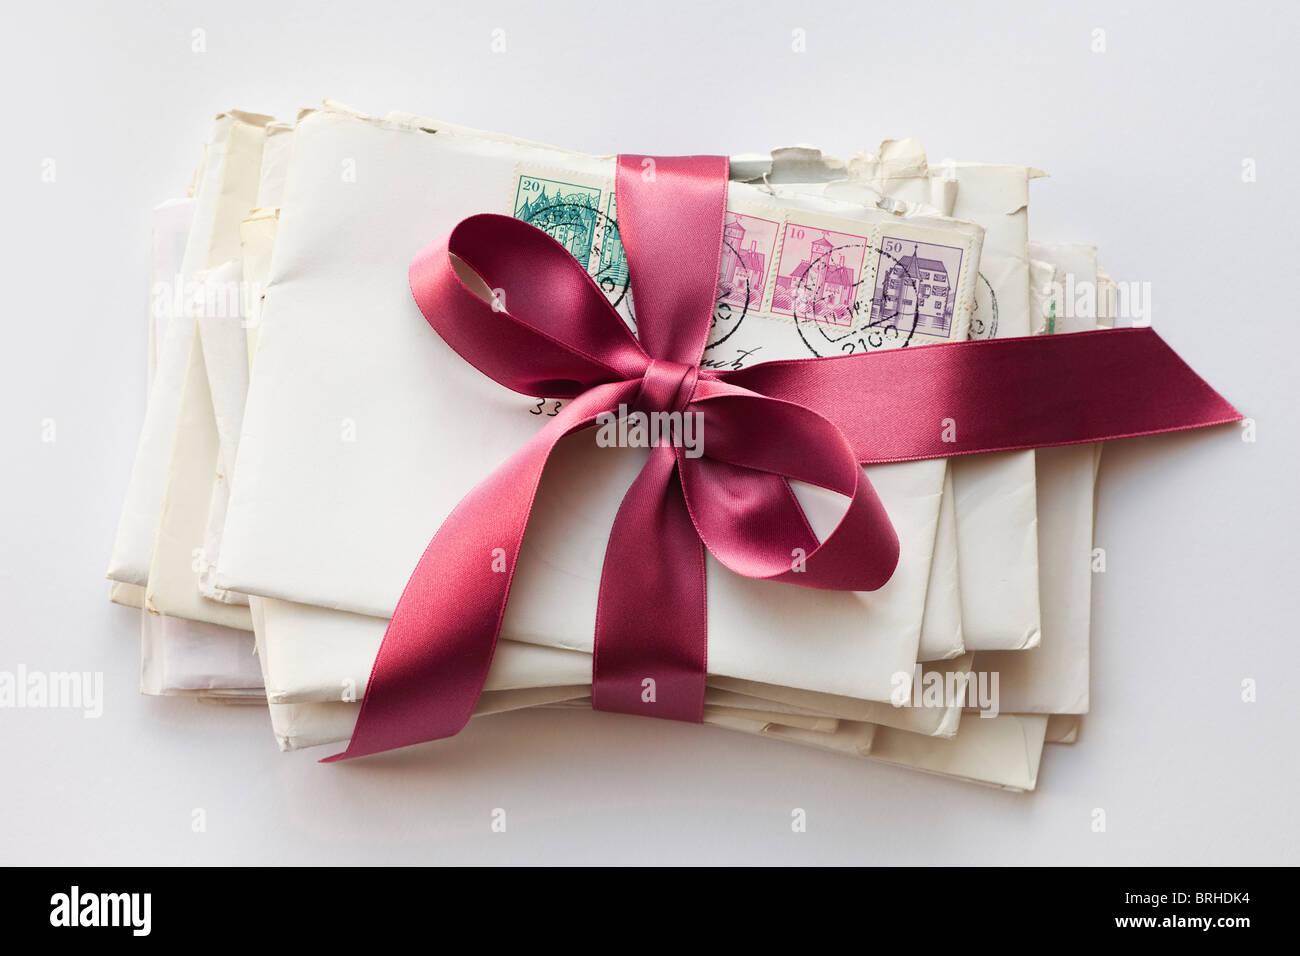 Stapel von Briefen mit Band gebunden Stockfoto